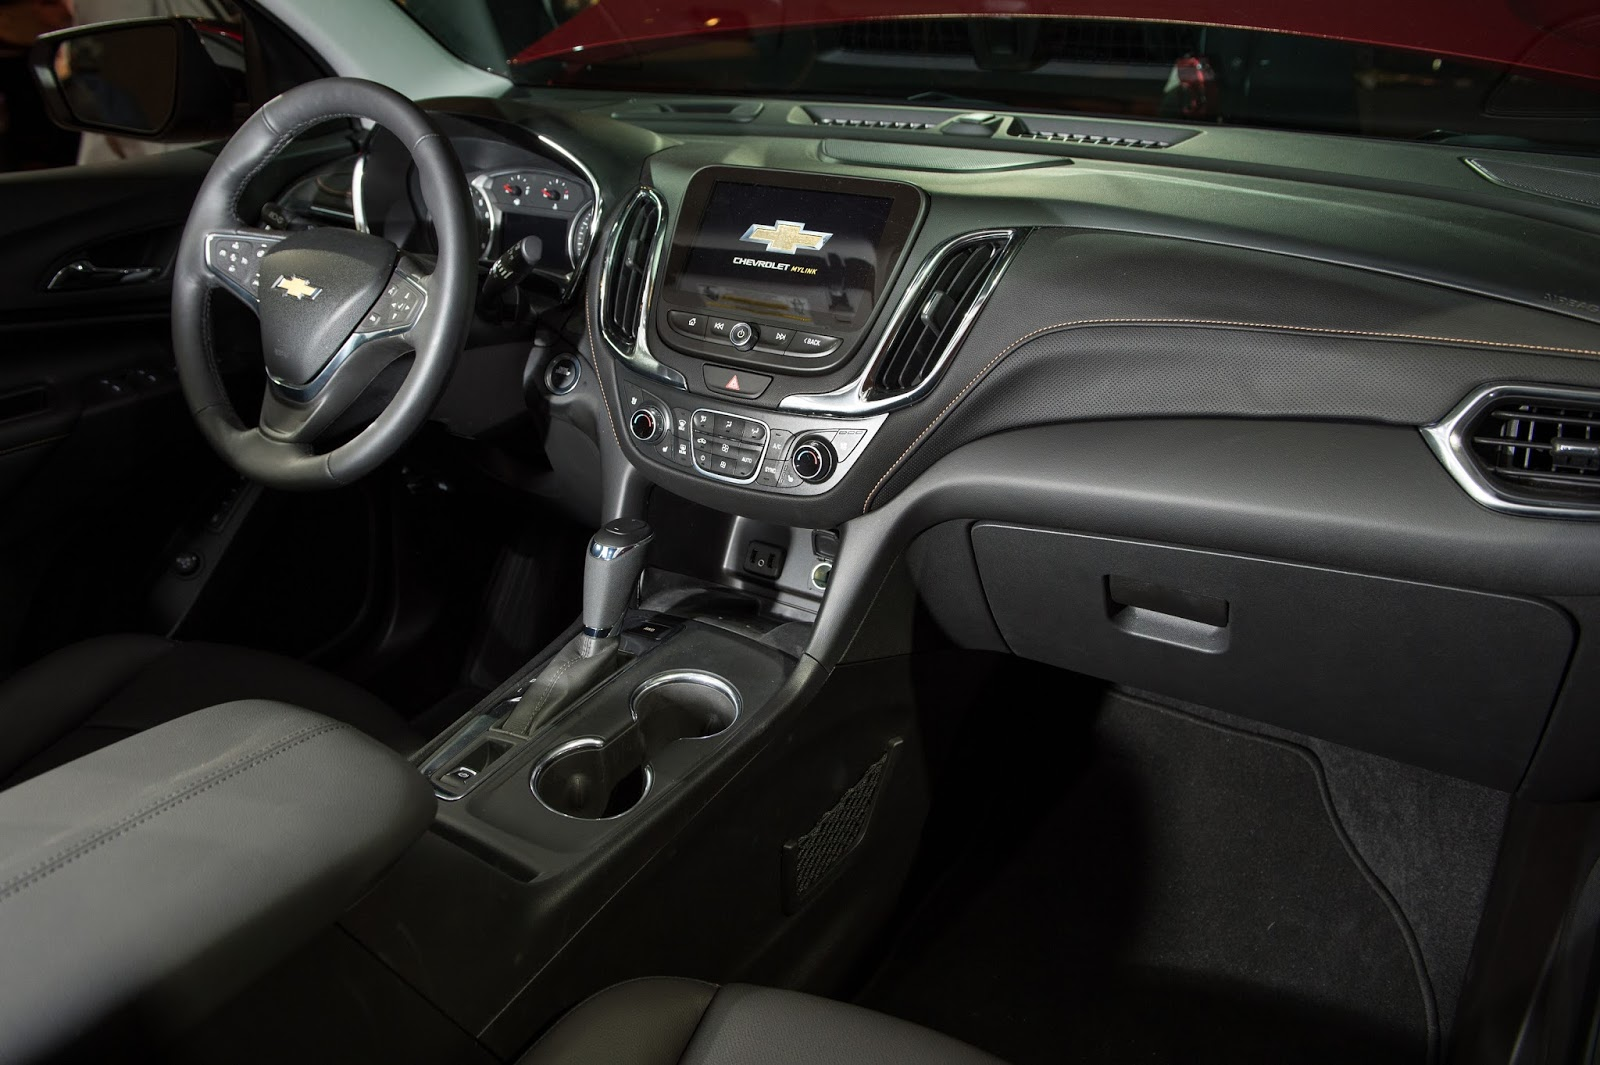 2017 cadillac ats 2.0 l turbo base manual sedan